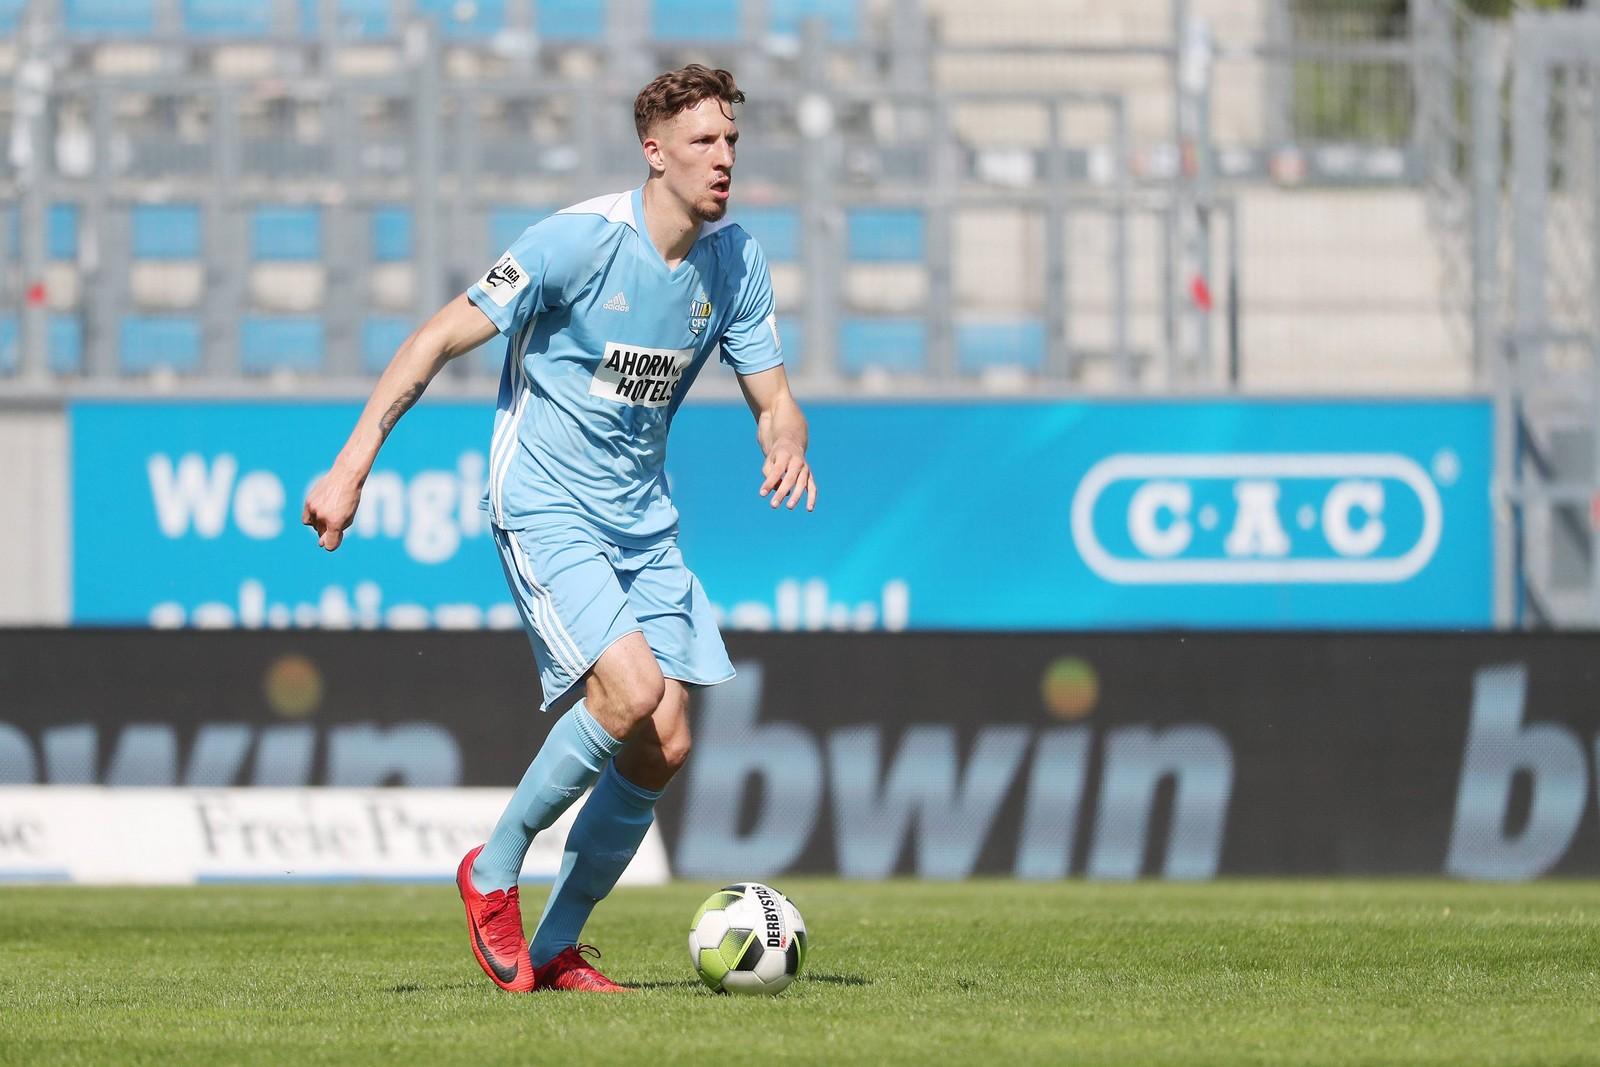 Janik Bachmann im Trikot des chemnitzer FC